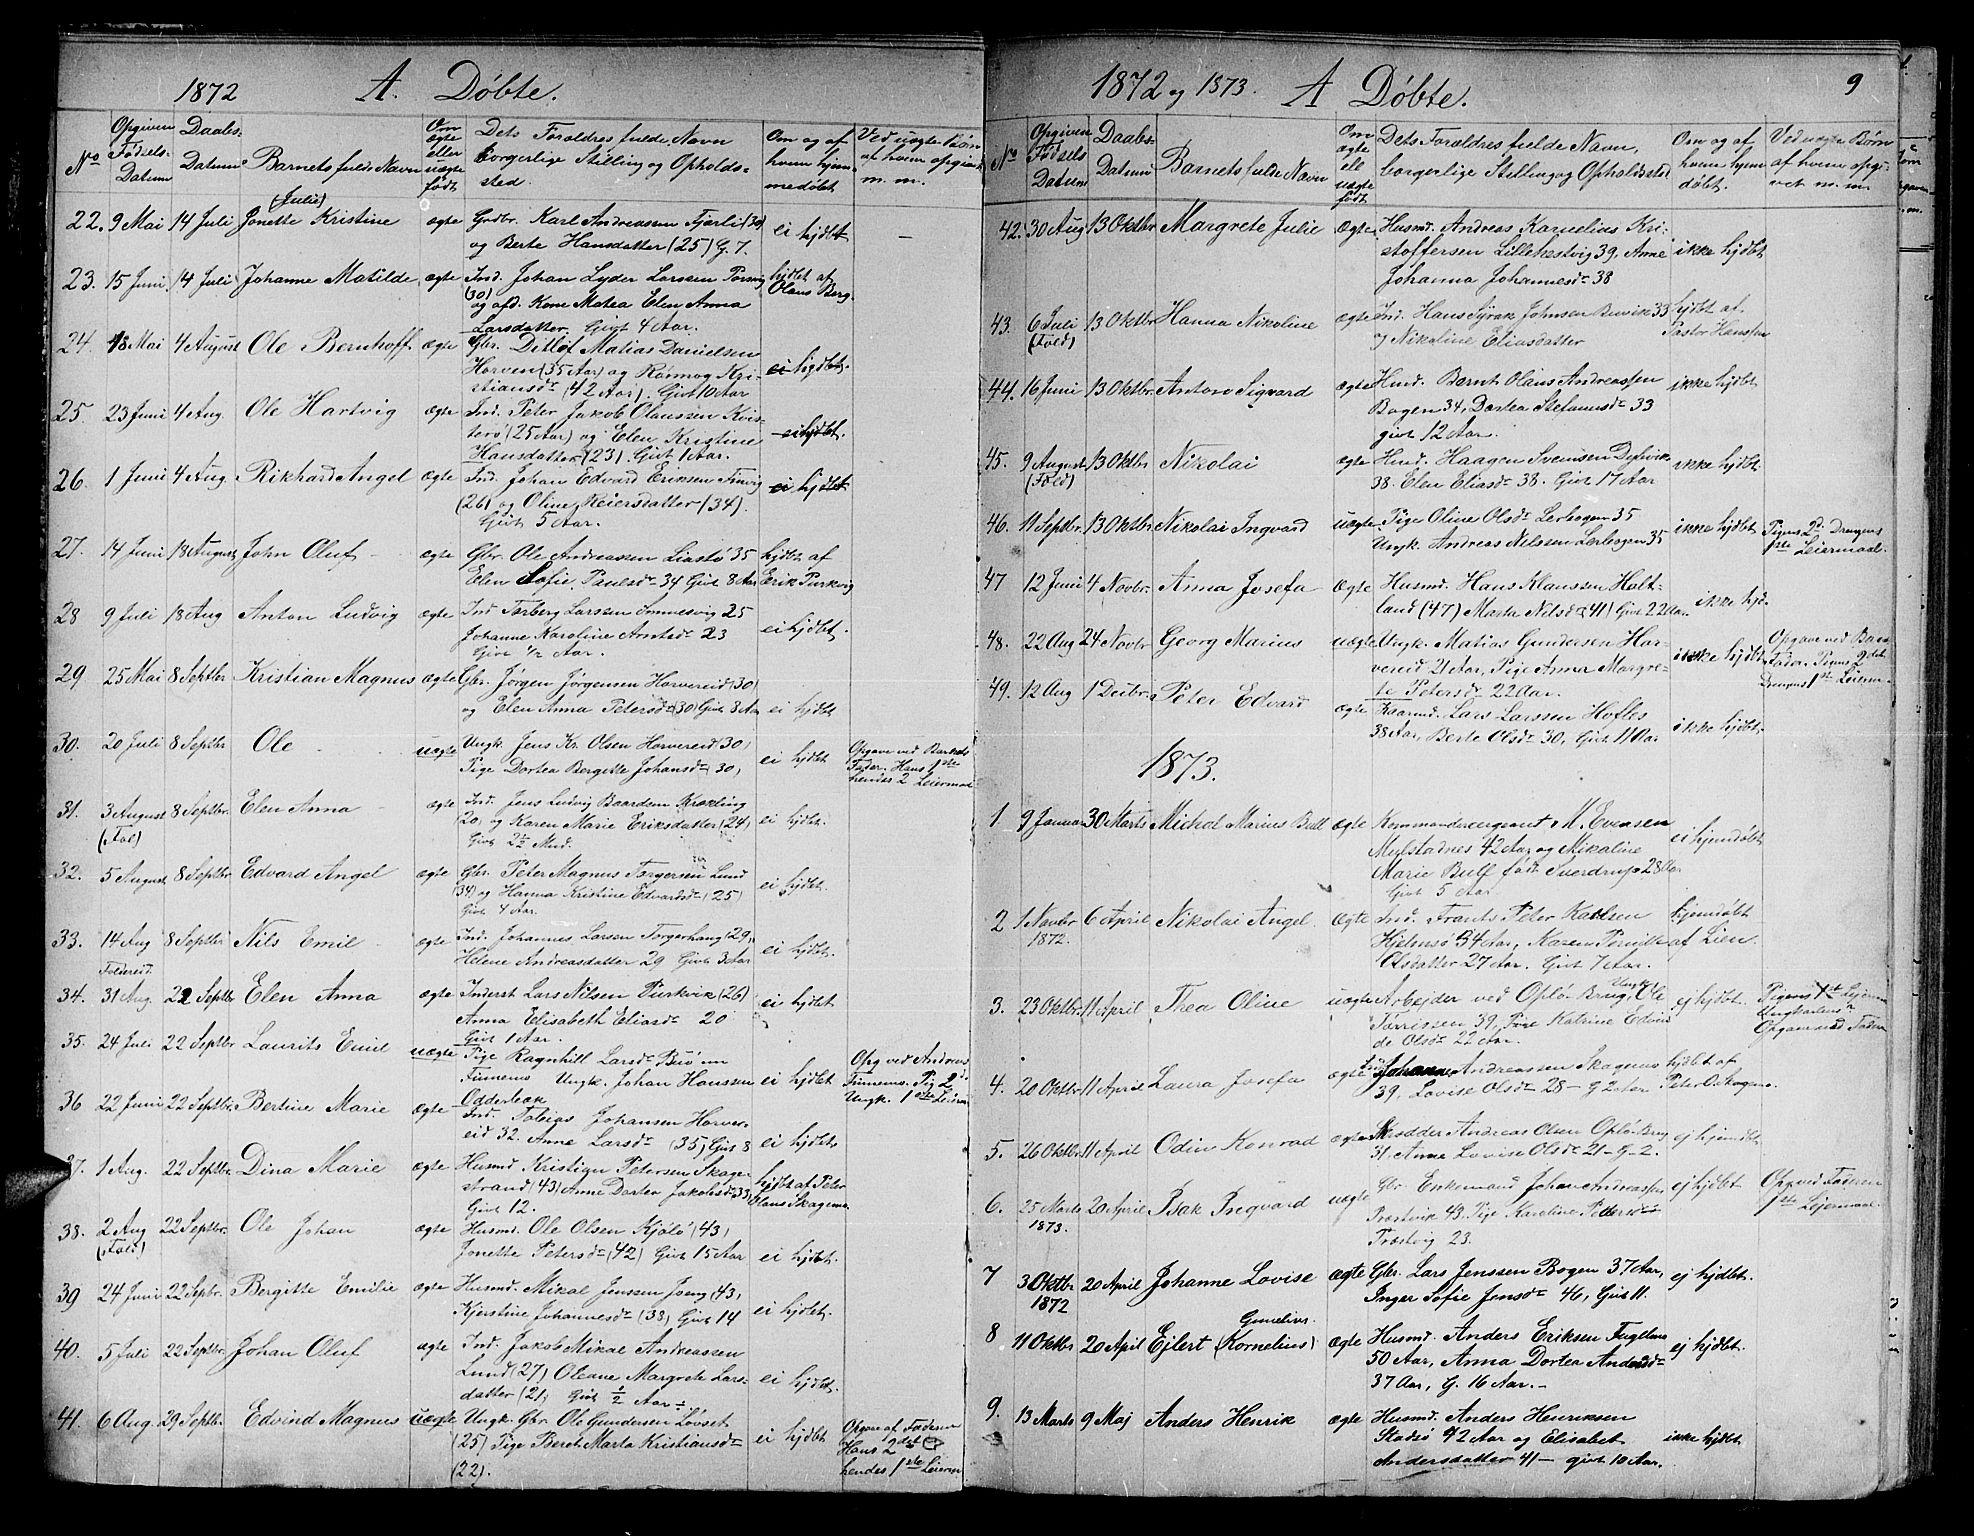 SAT, Ministerialprotokoller, klokkerbøker og fødselsregistre - Nord-Trøndelag, 780/L0650: Klokkerbok nr. 780C02, 1866-1884, s. 9